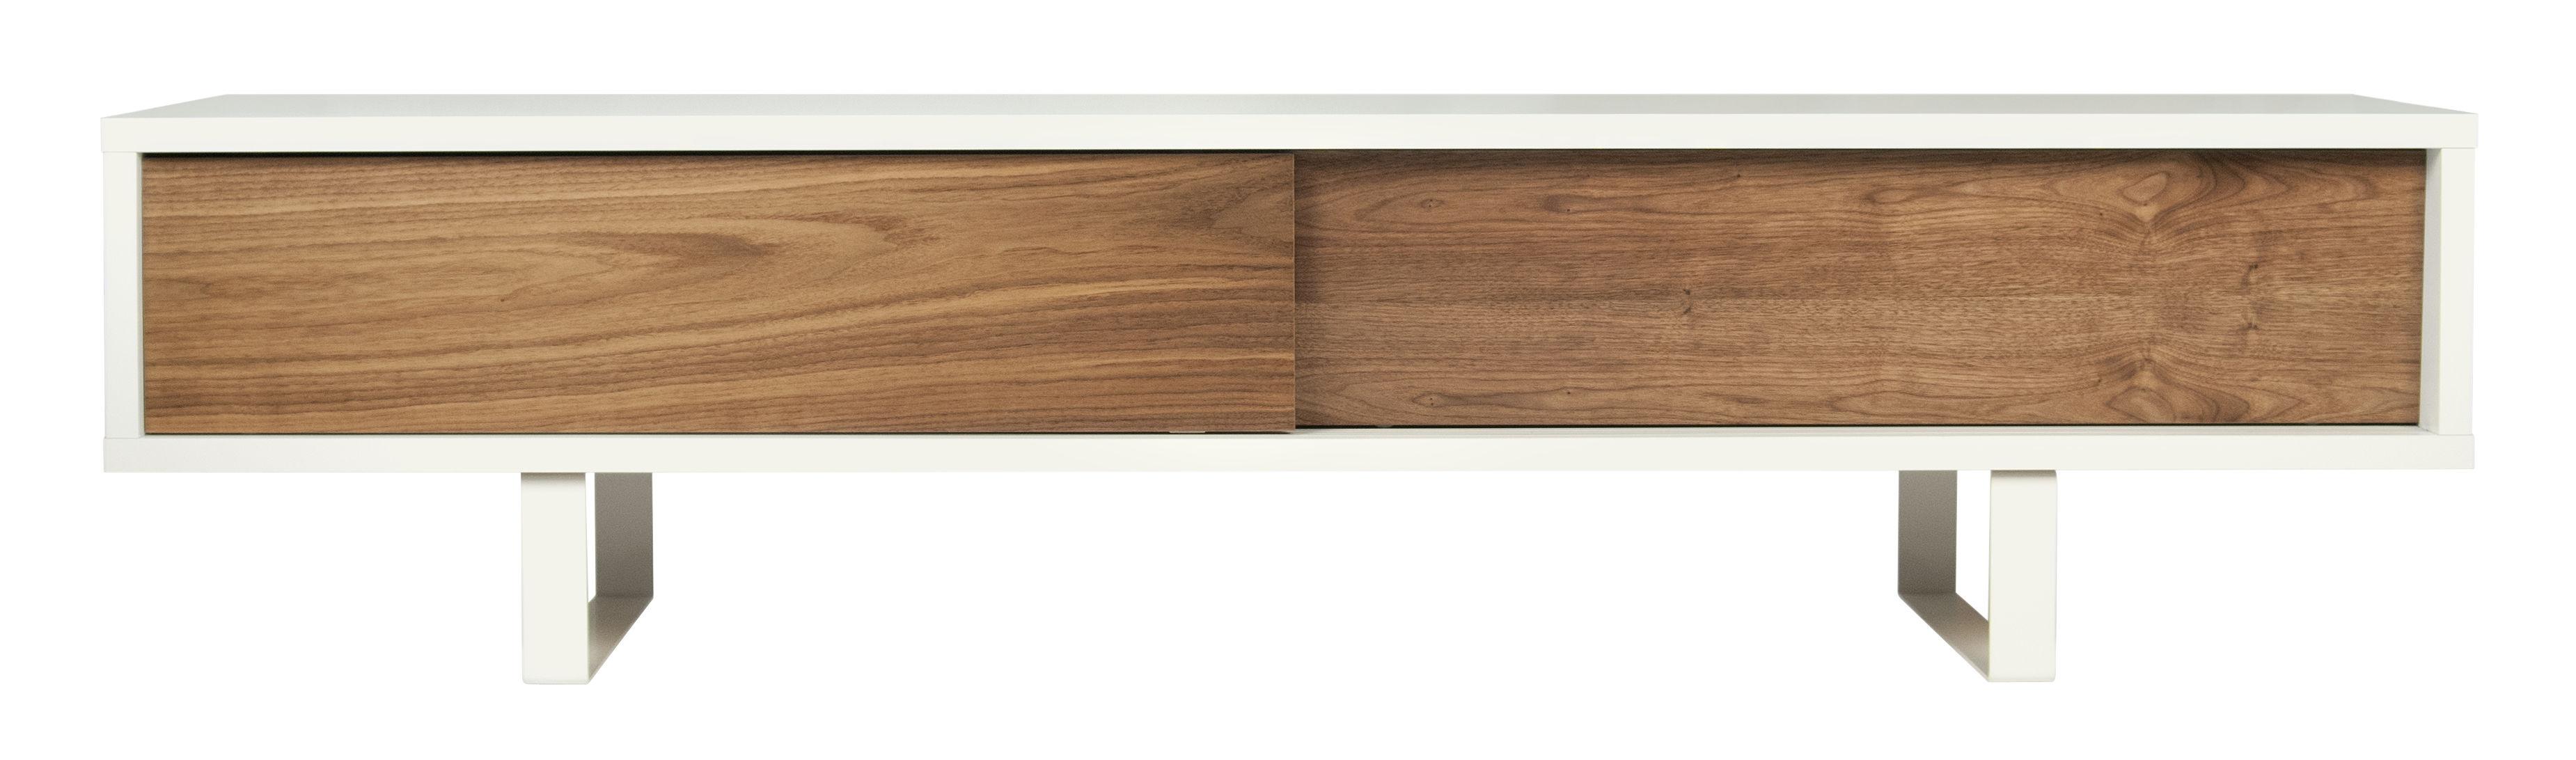 Arredamento - Mobili TV - Mobile TV Slide / L 198 cm - POP UP HOME - Bianco / Noce - Acciaio laccato, Impiallacciatura noce, Pannelli in agglomerato dipinti